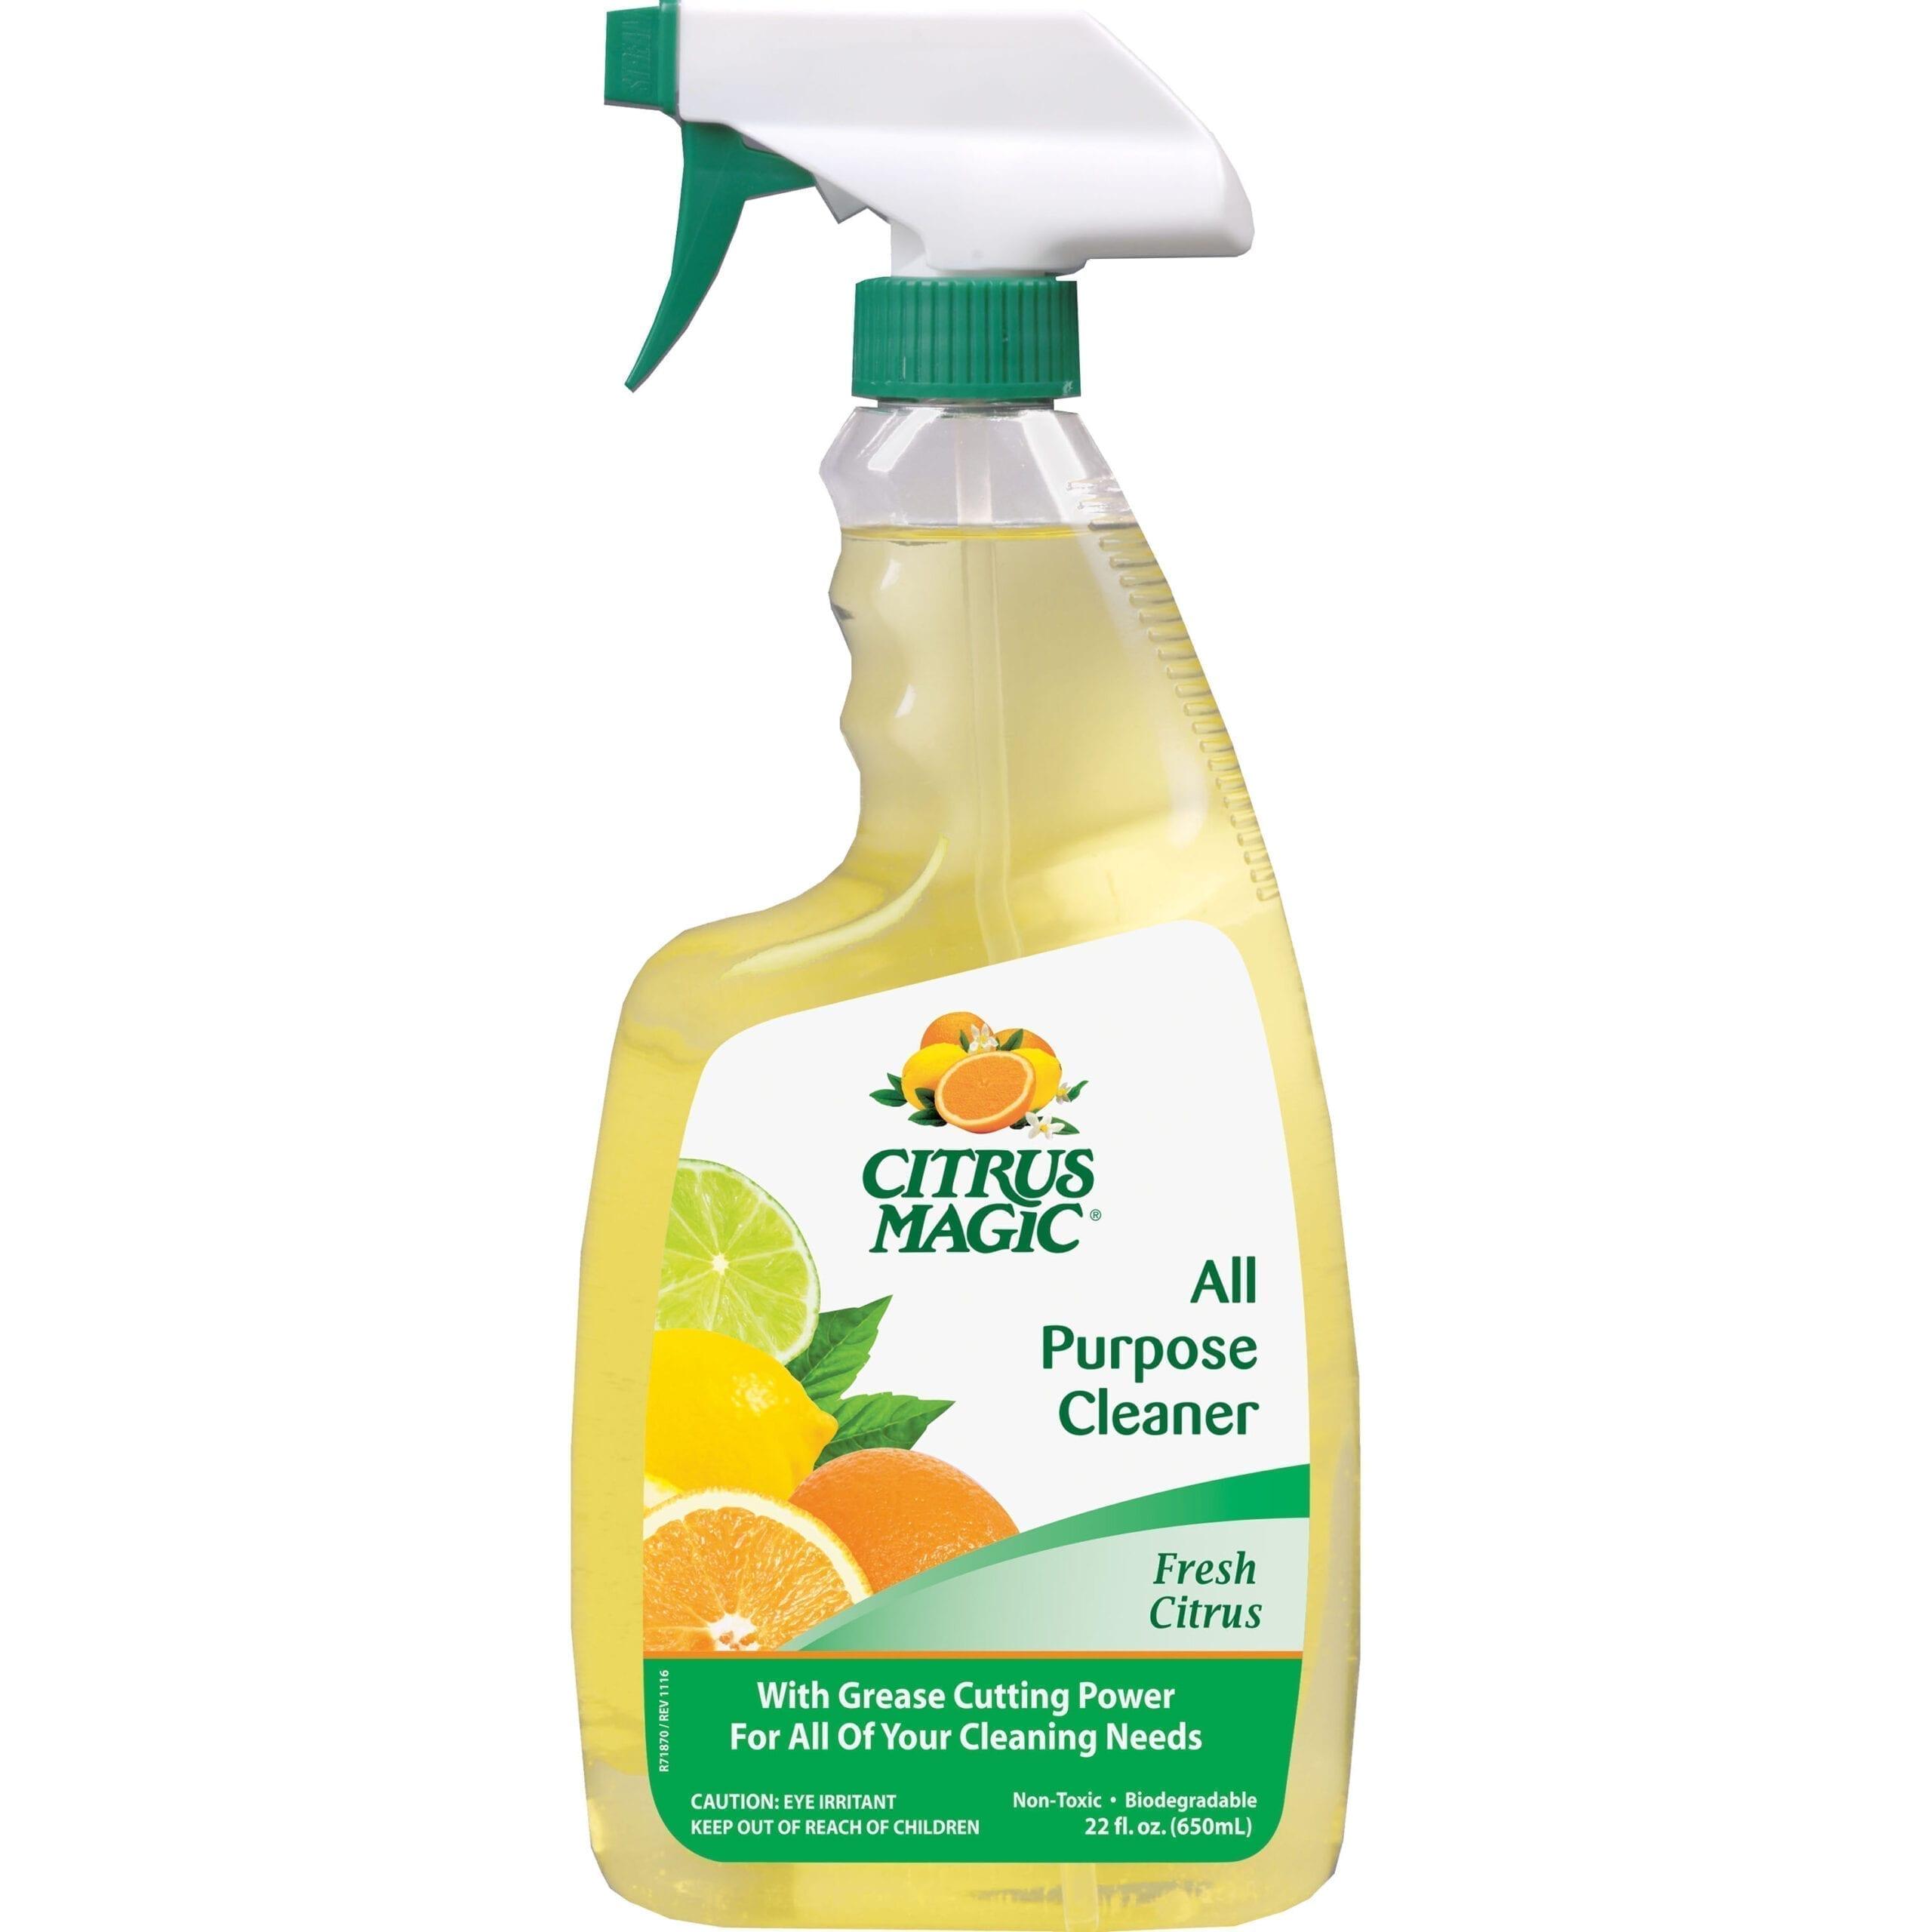 Citrus Magic All Purpose Cleaner, Fresh Citrus